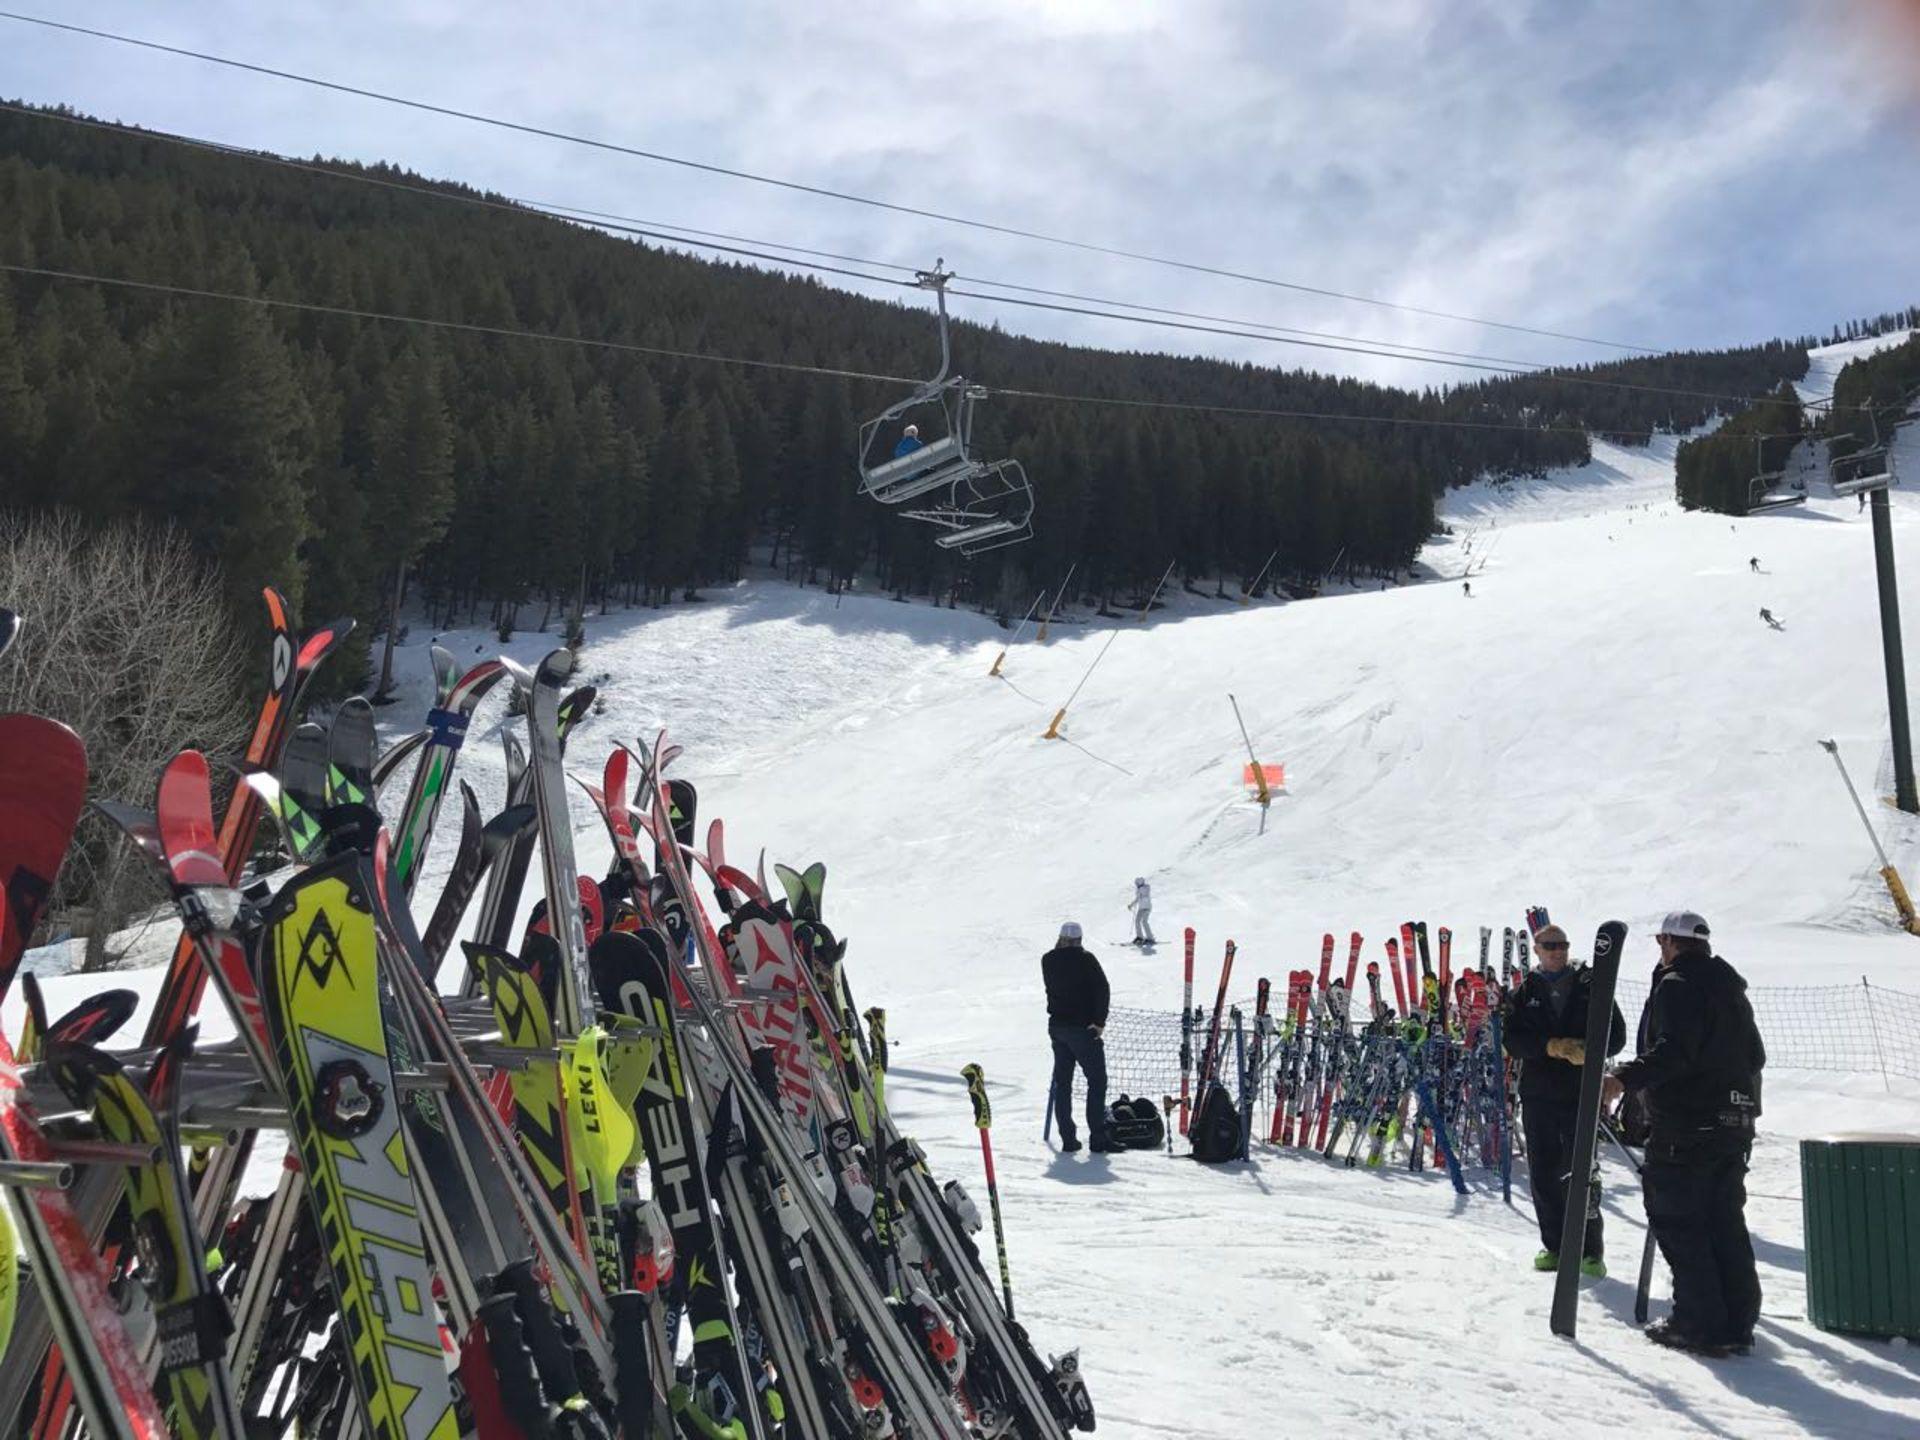 Western Regional FIS Races this weekend